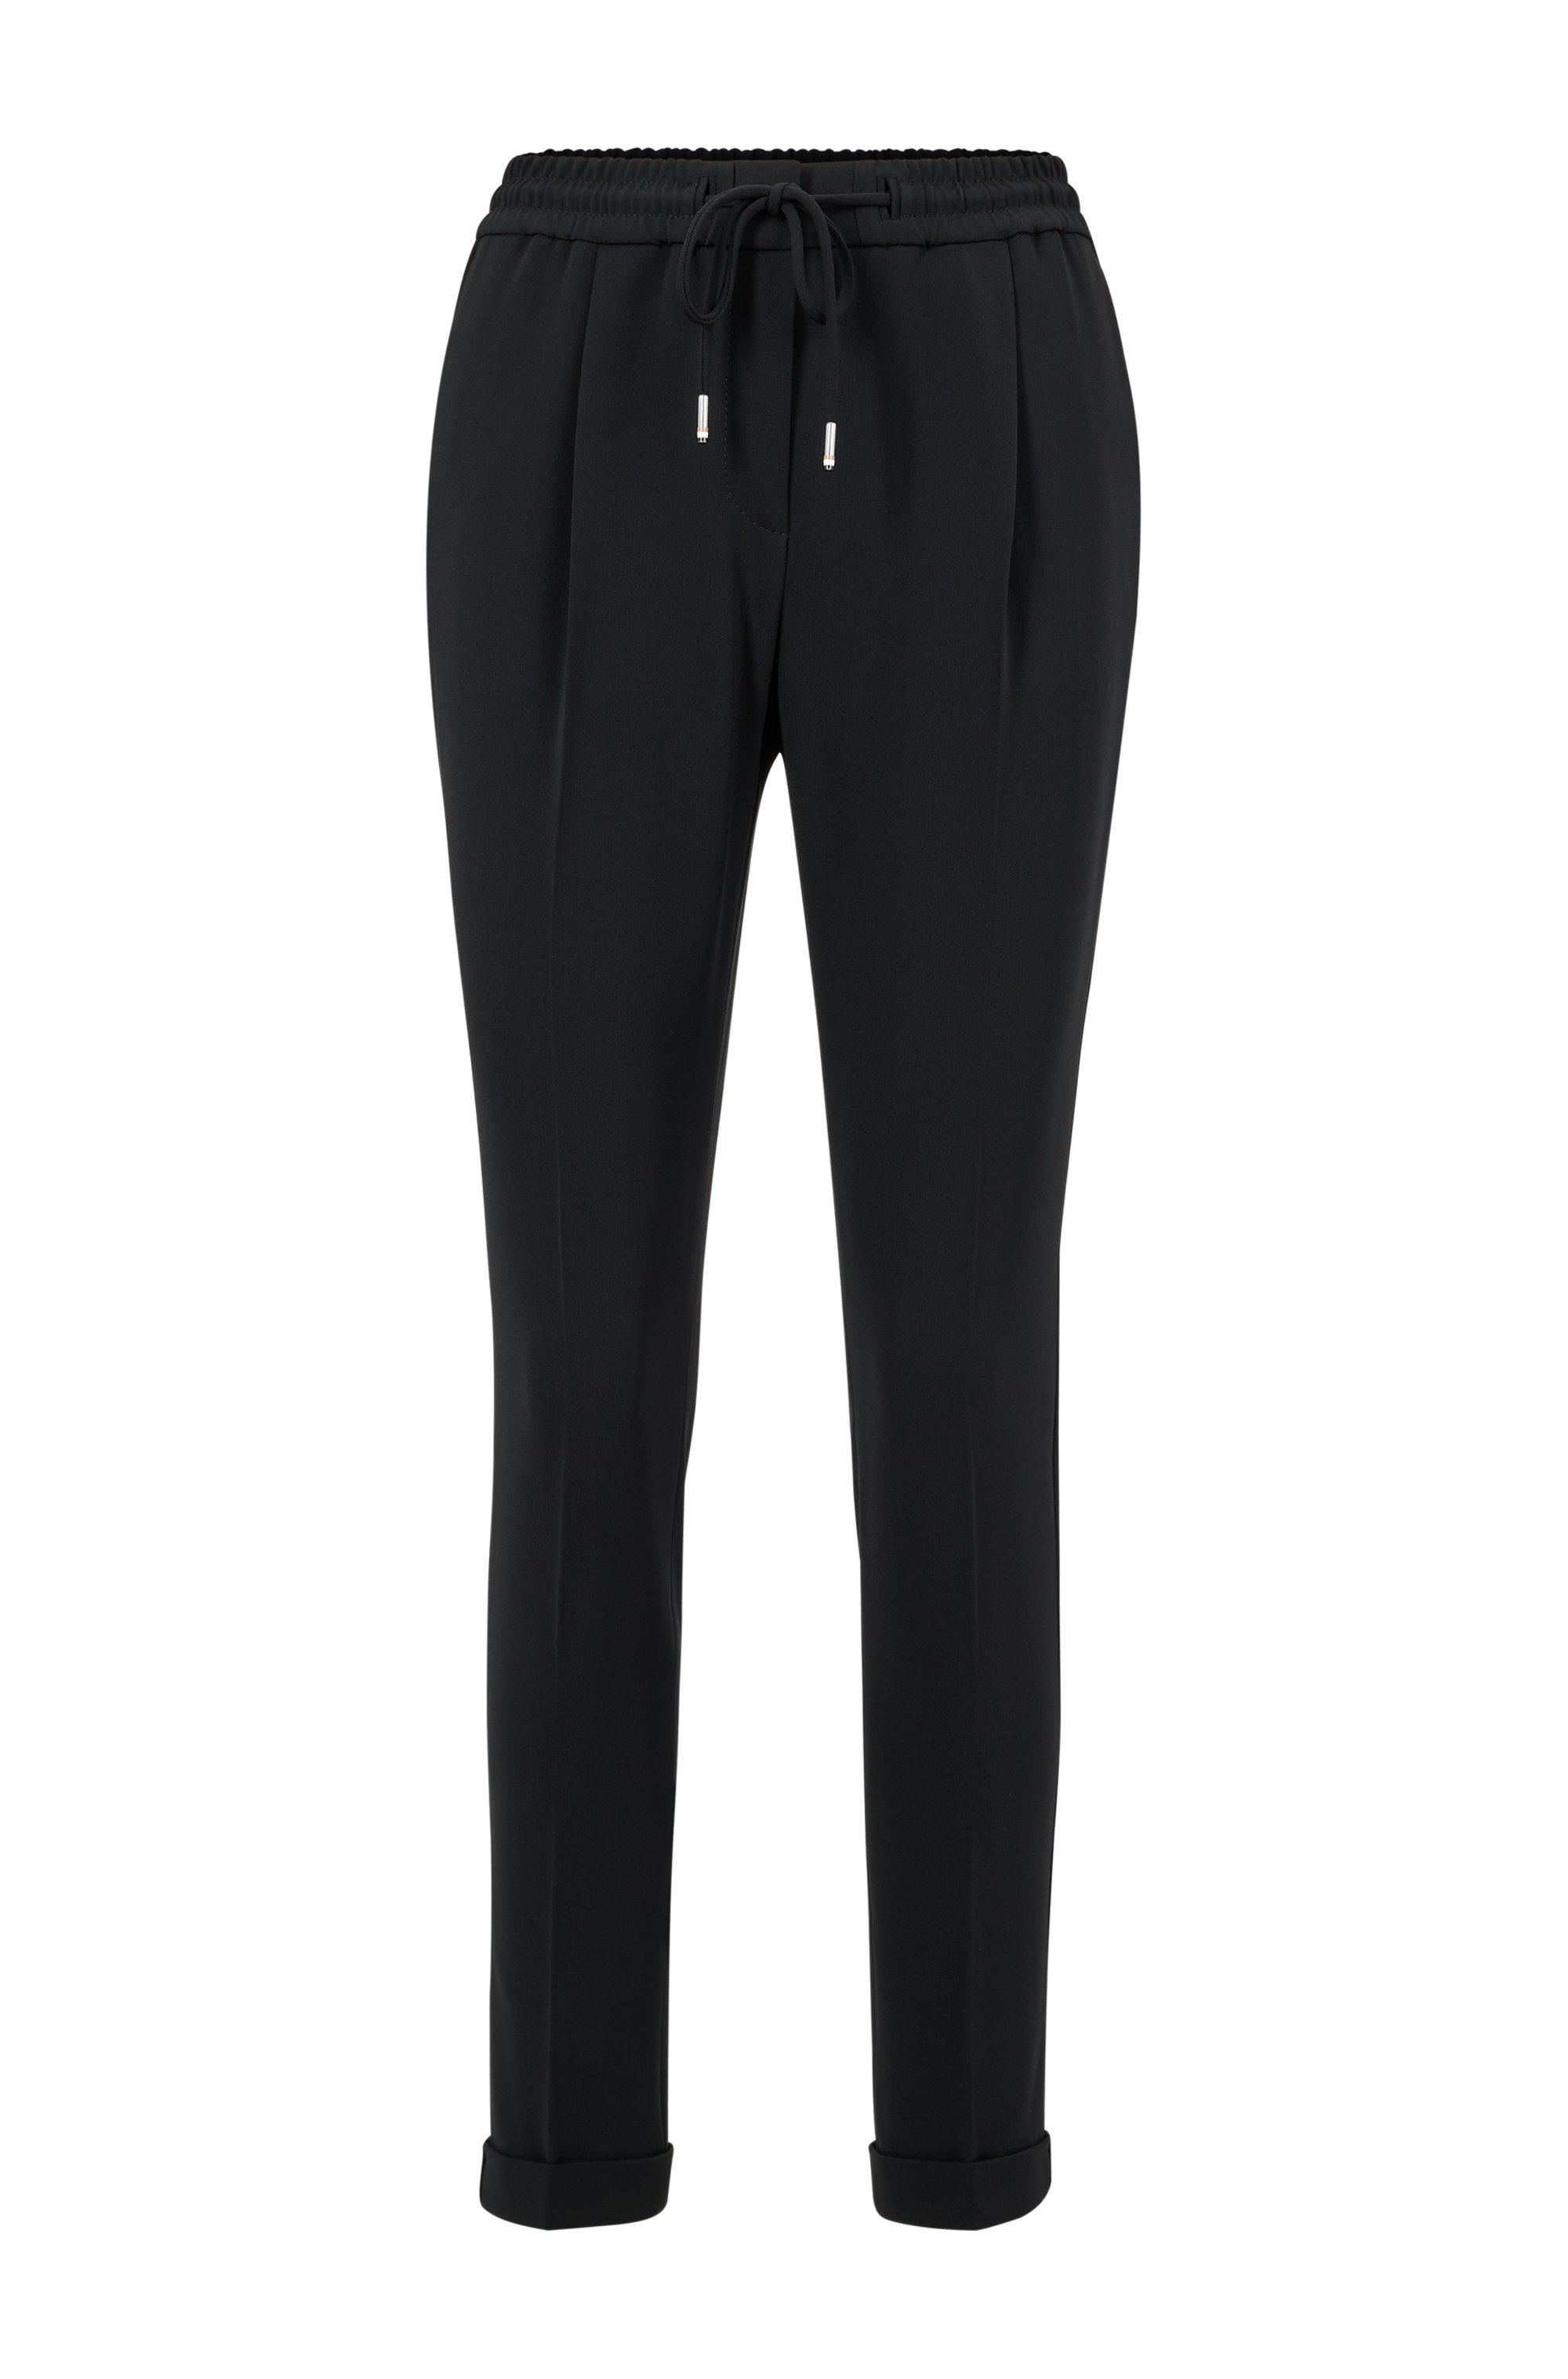 Pantalon Regular Fit en crêpe japonais avec taille à cordon de serrage, Noir